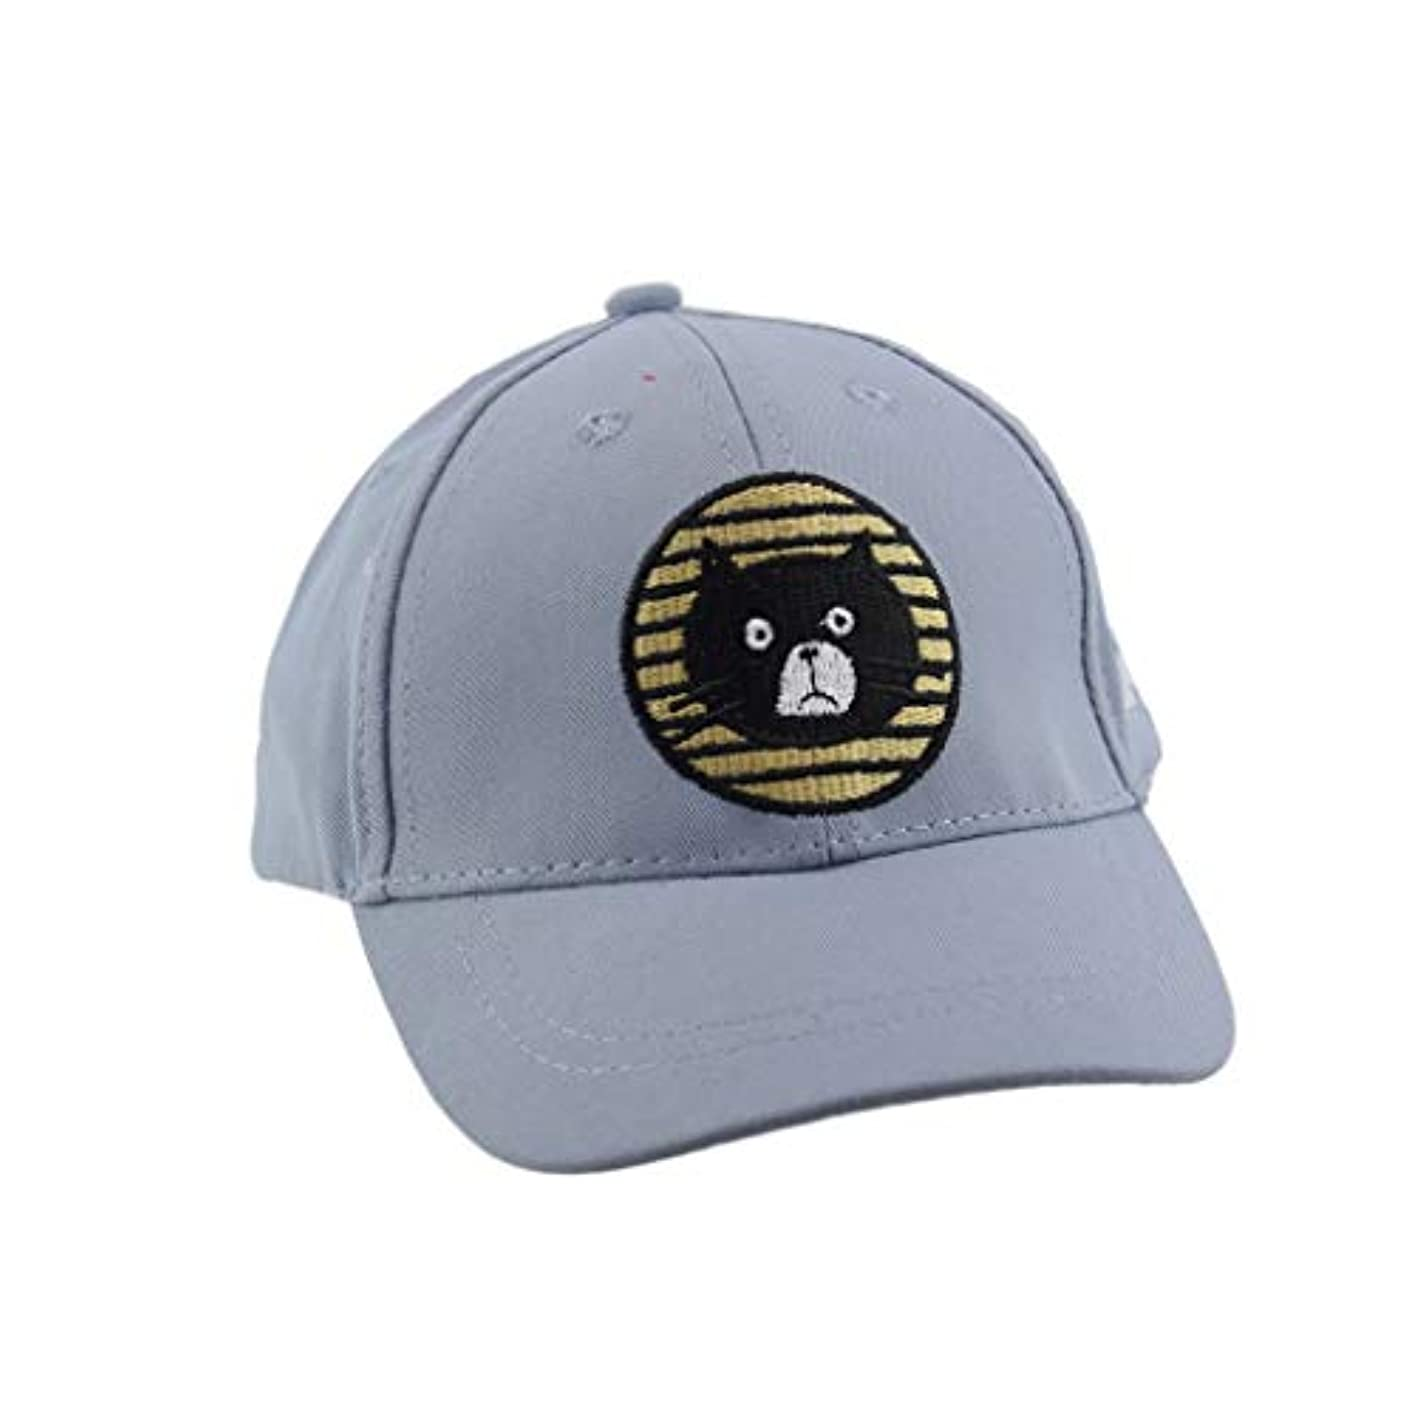 彼らは脅威辞書Kaiweini 春夏新しい漁夫帽子供しゃれ ベビー帽 通気性抜群 日除け UVカット 紫外線対策スポーツ帽子男女兼用 速乾 軽薄 日よけ野球帽